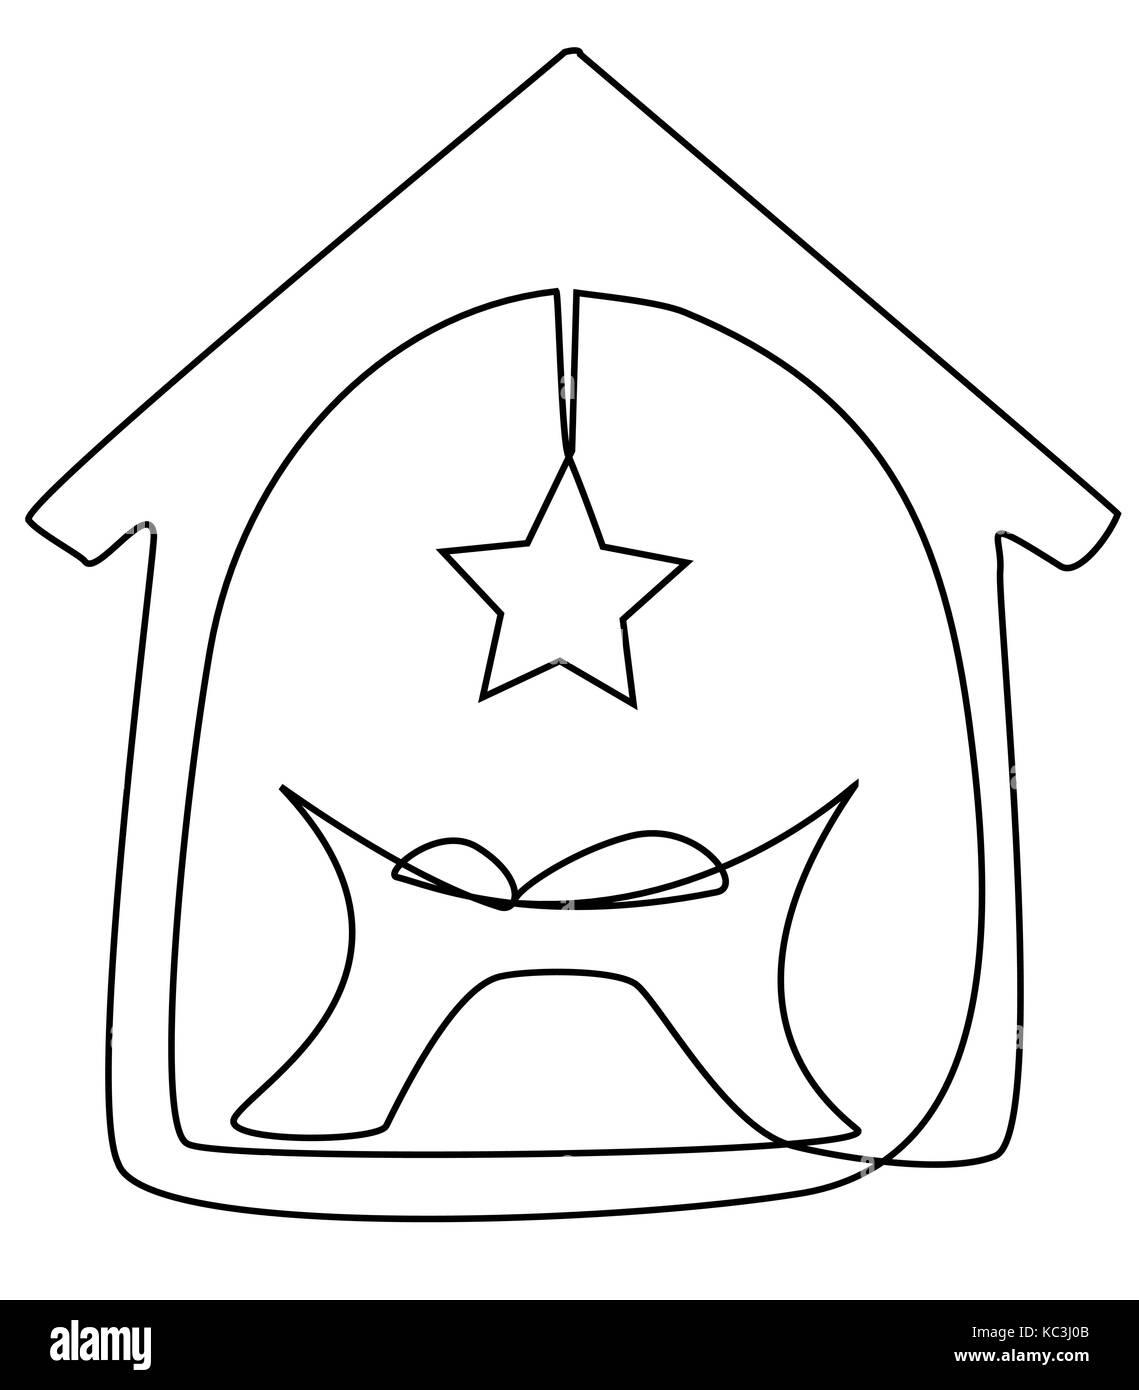 Jesus Bebe Enfant Un Dessin Image Vectorielle Stock Alamy